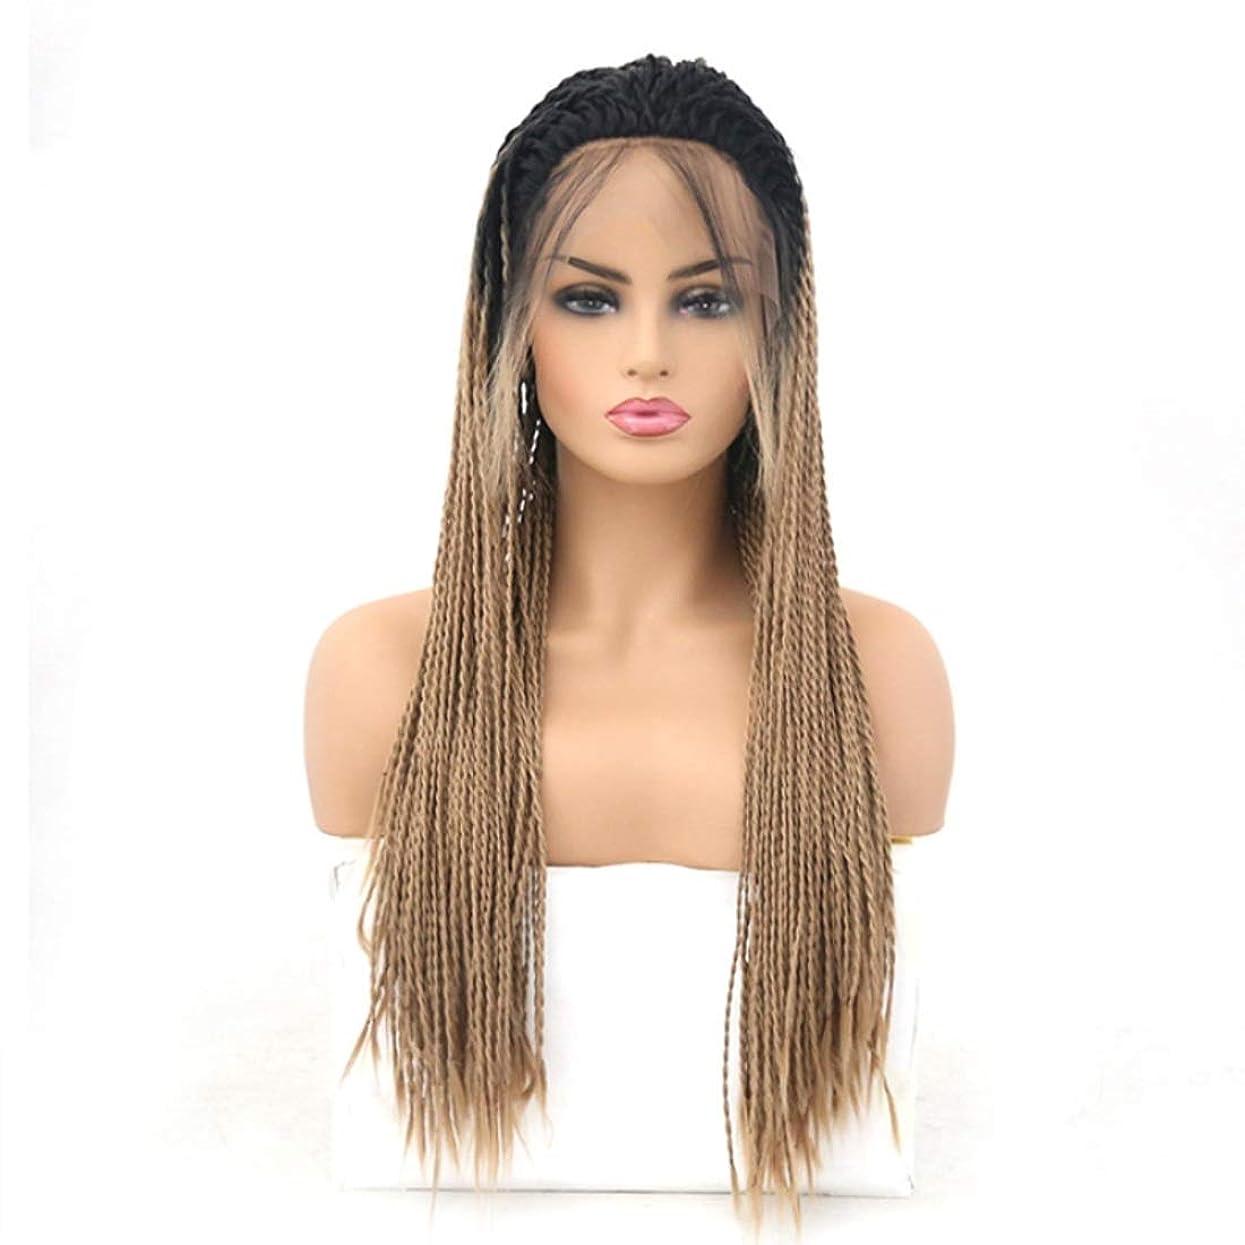 照らす靴フォルダSummerys 女性のための前髪の毛髪のかつらとフロントレースグラデーションかつら耐熱合成かつら (Size : 22 inches)